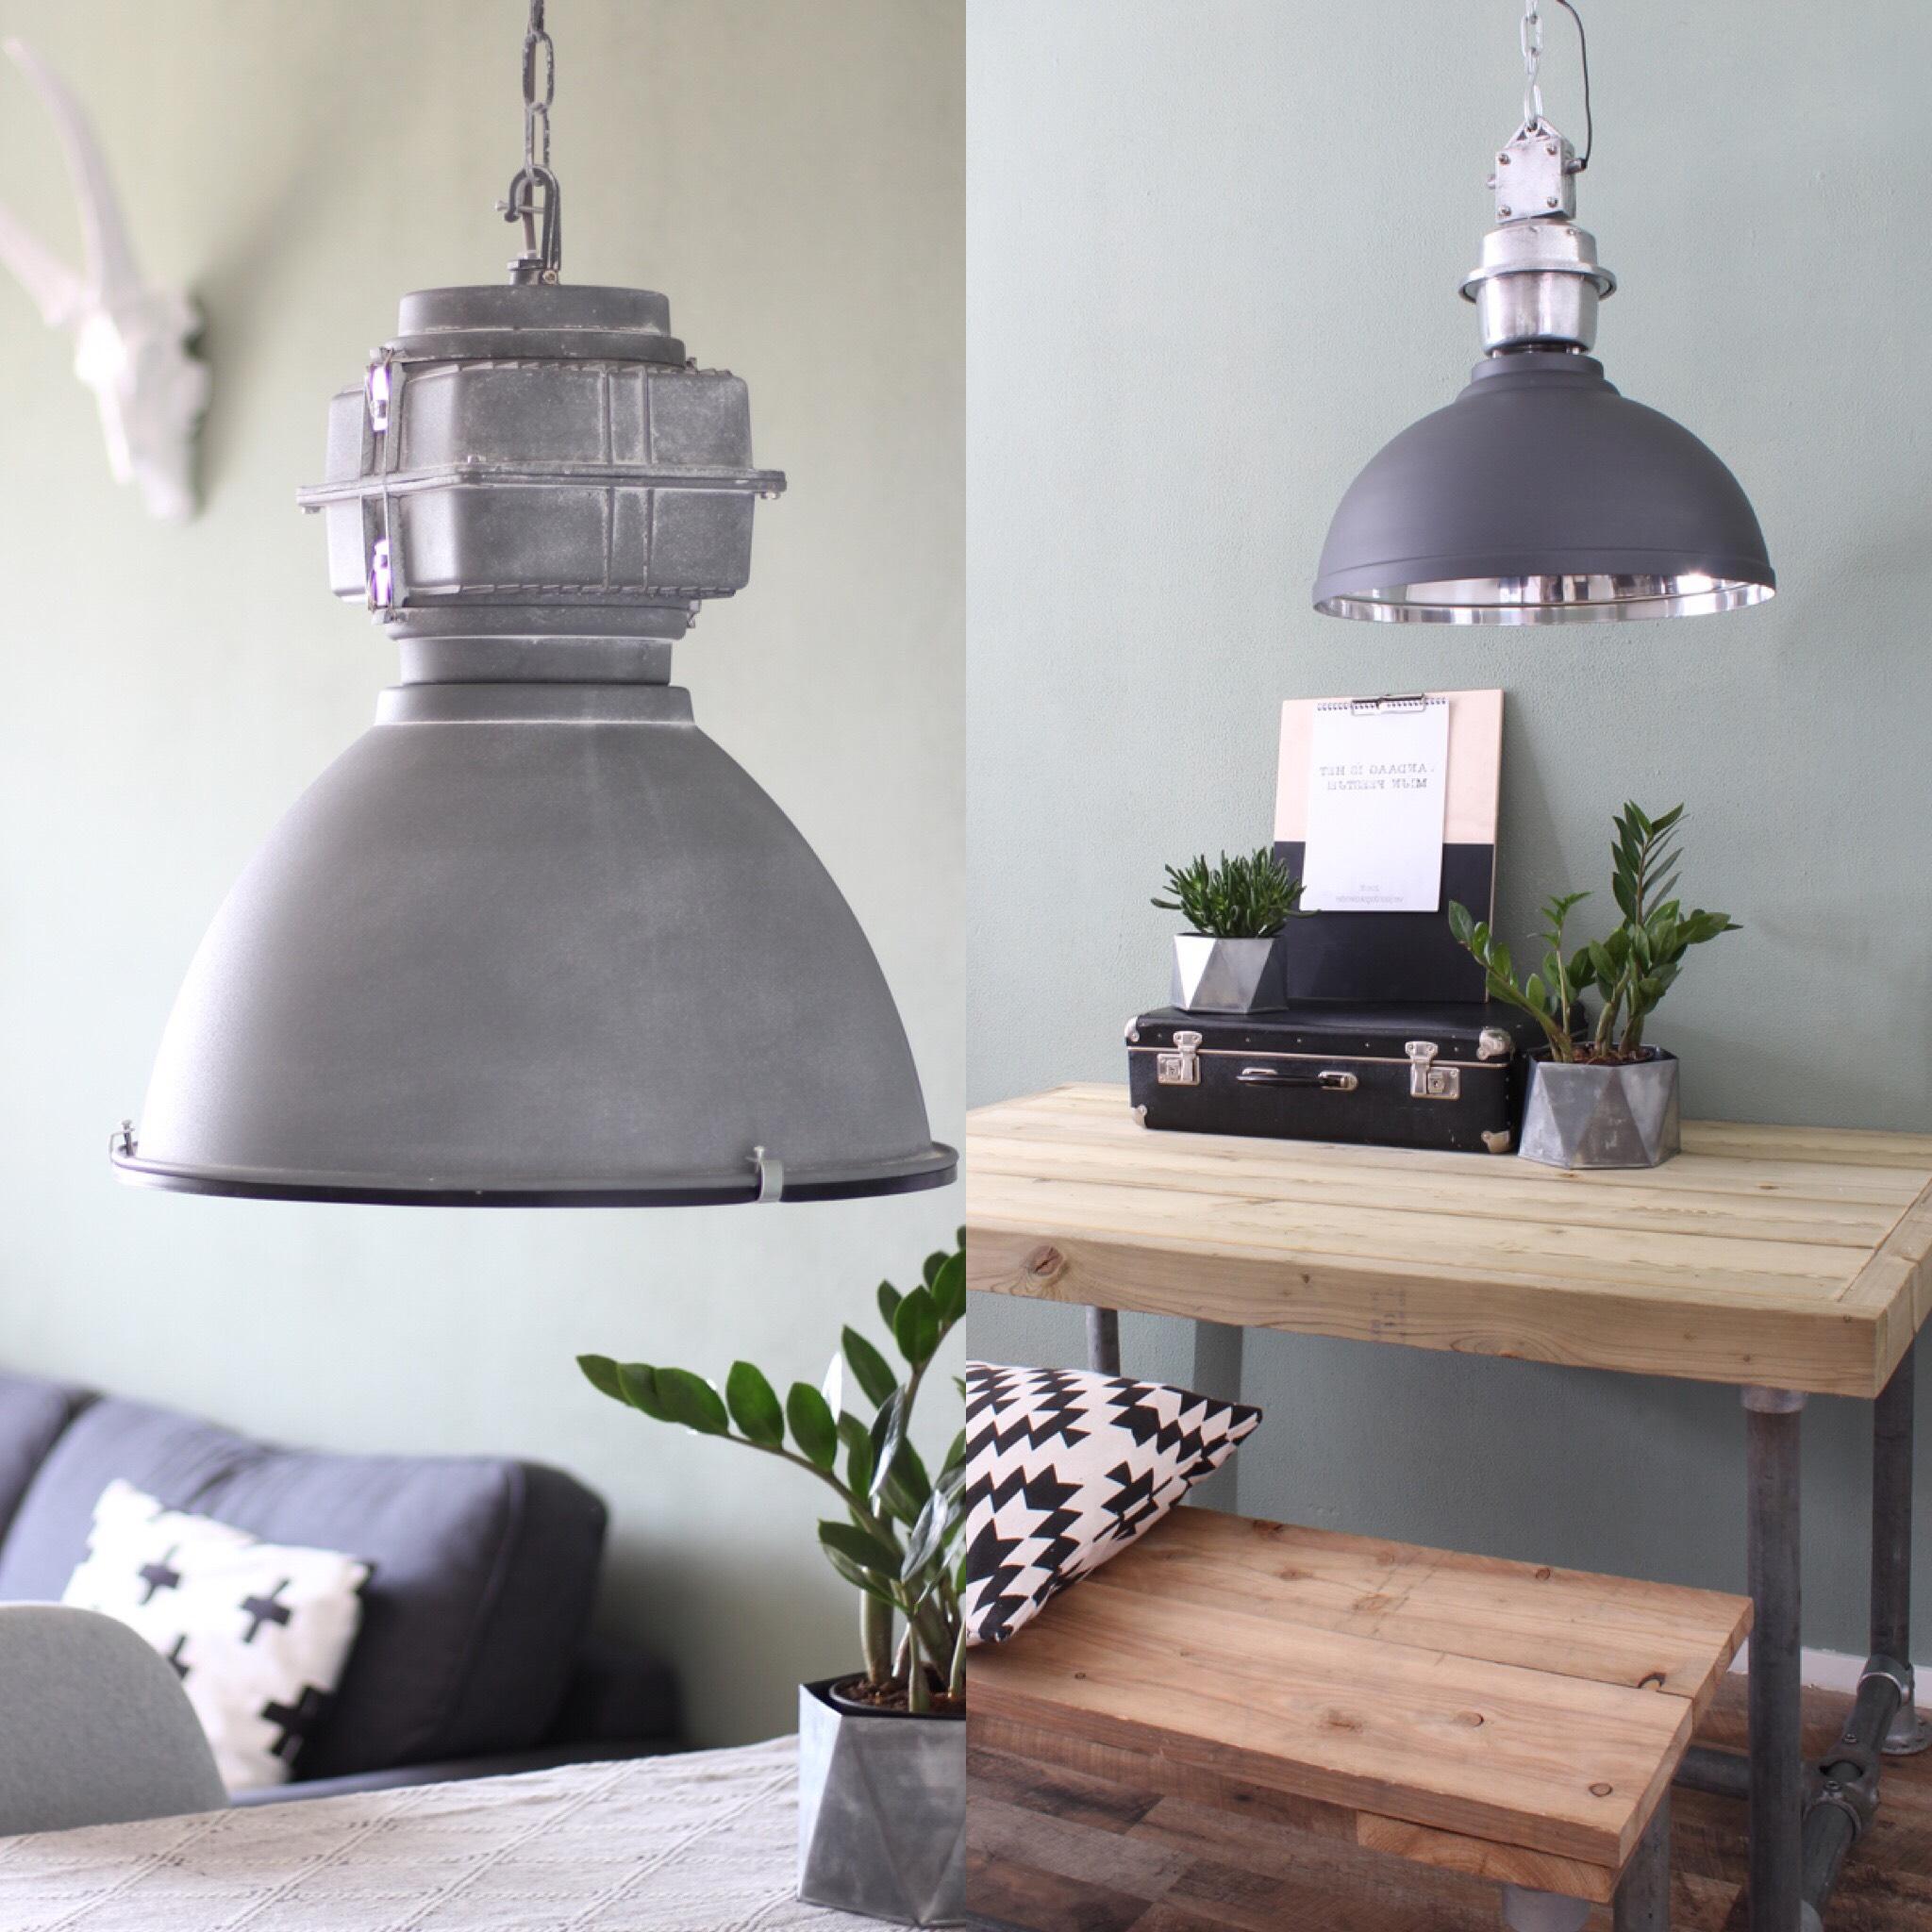 Hoe een lamp ophangen?